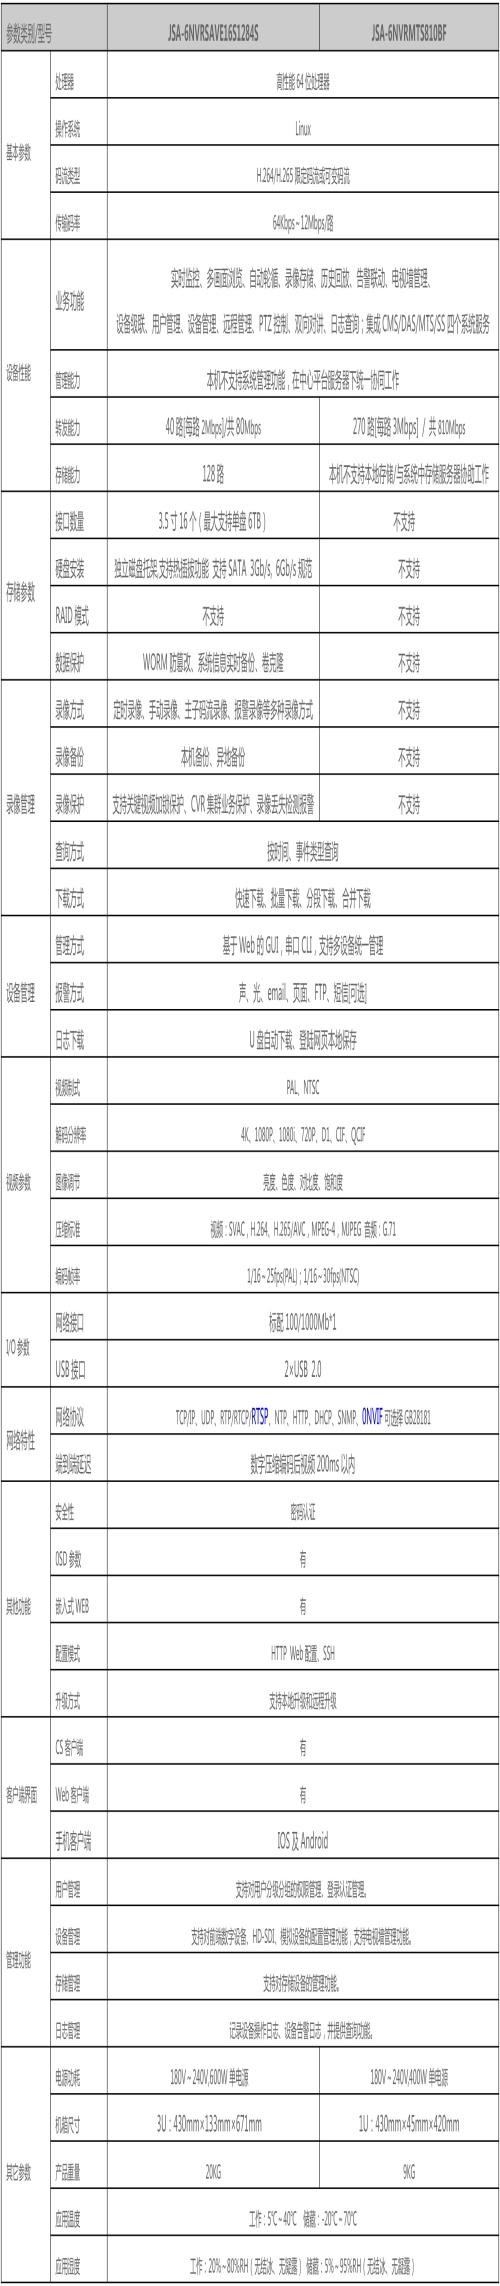 监控云台操作说明_手机云台相关-深圳市杰士安电子科技有限公司